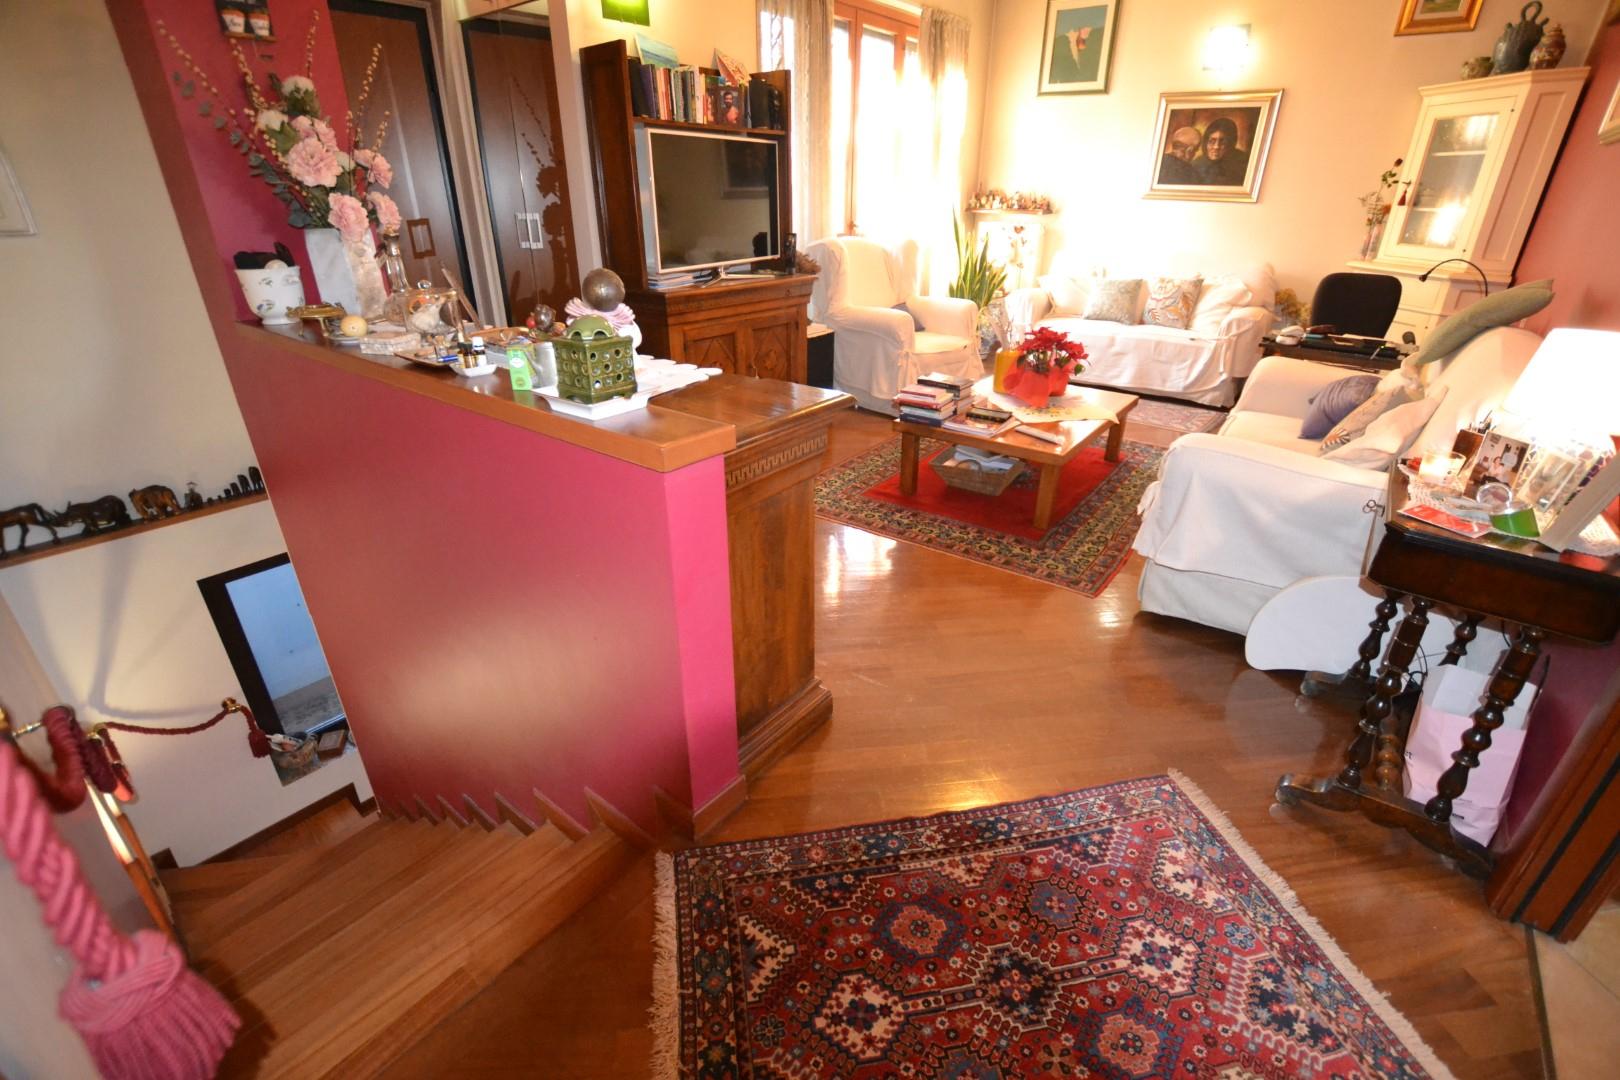 Agenzie Immobiliari Cologno Monzese appartamento in vendita a cologno monzese cod. 496